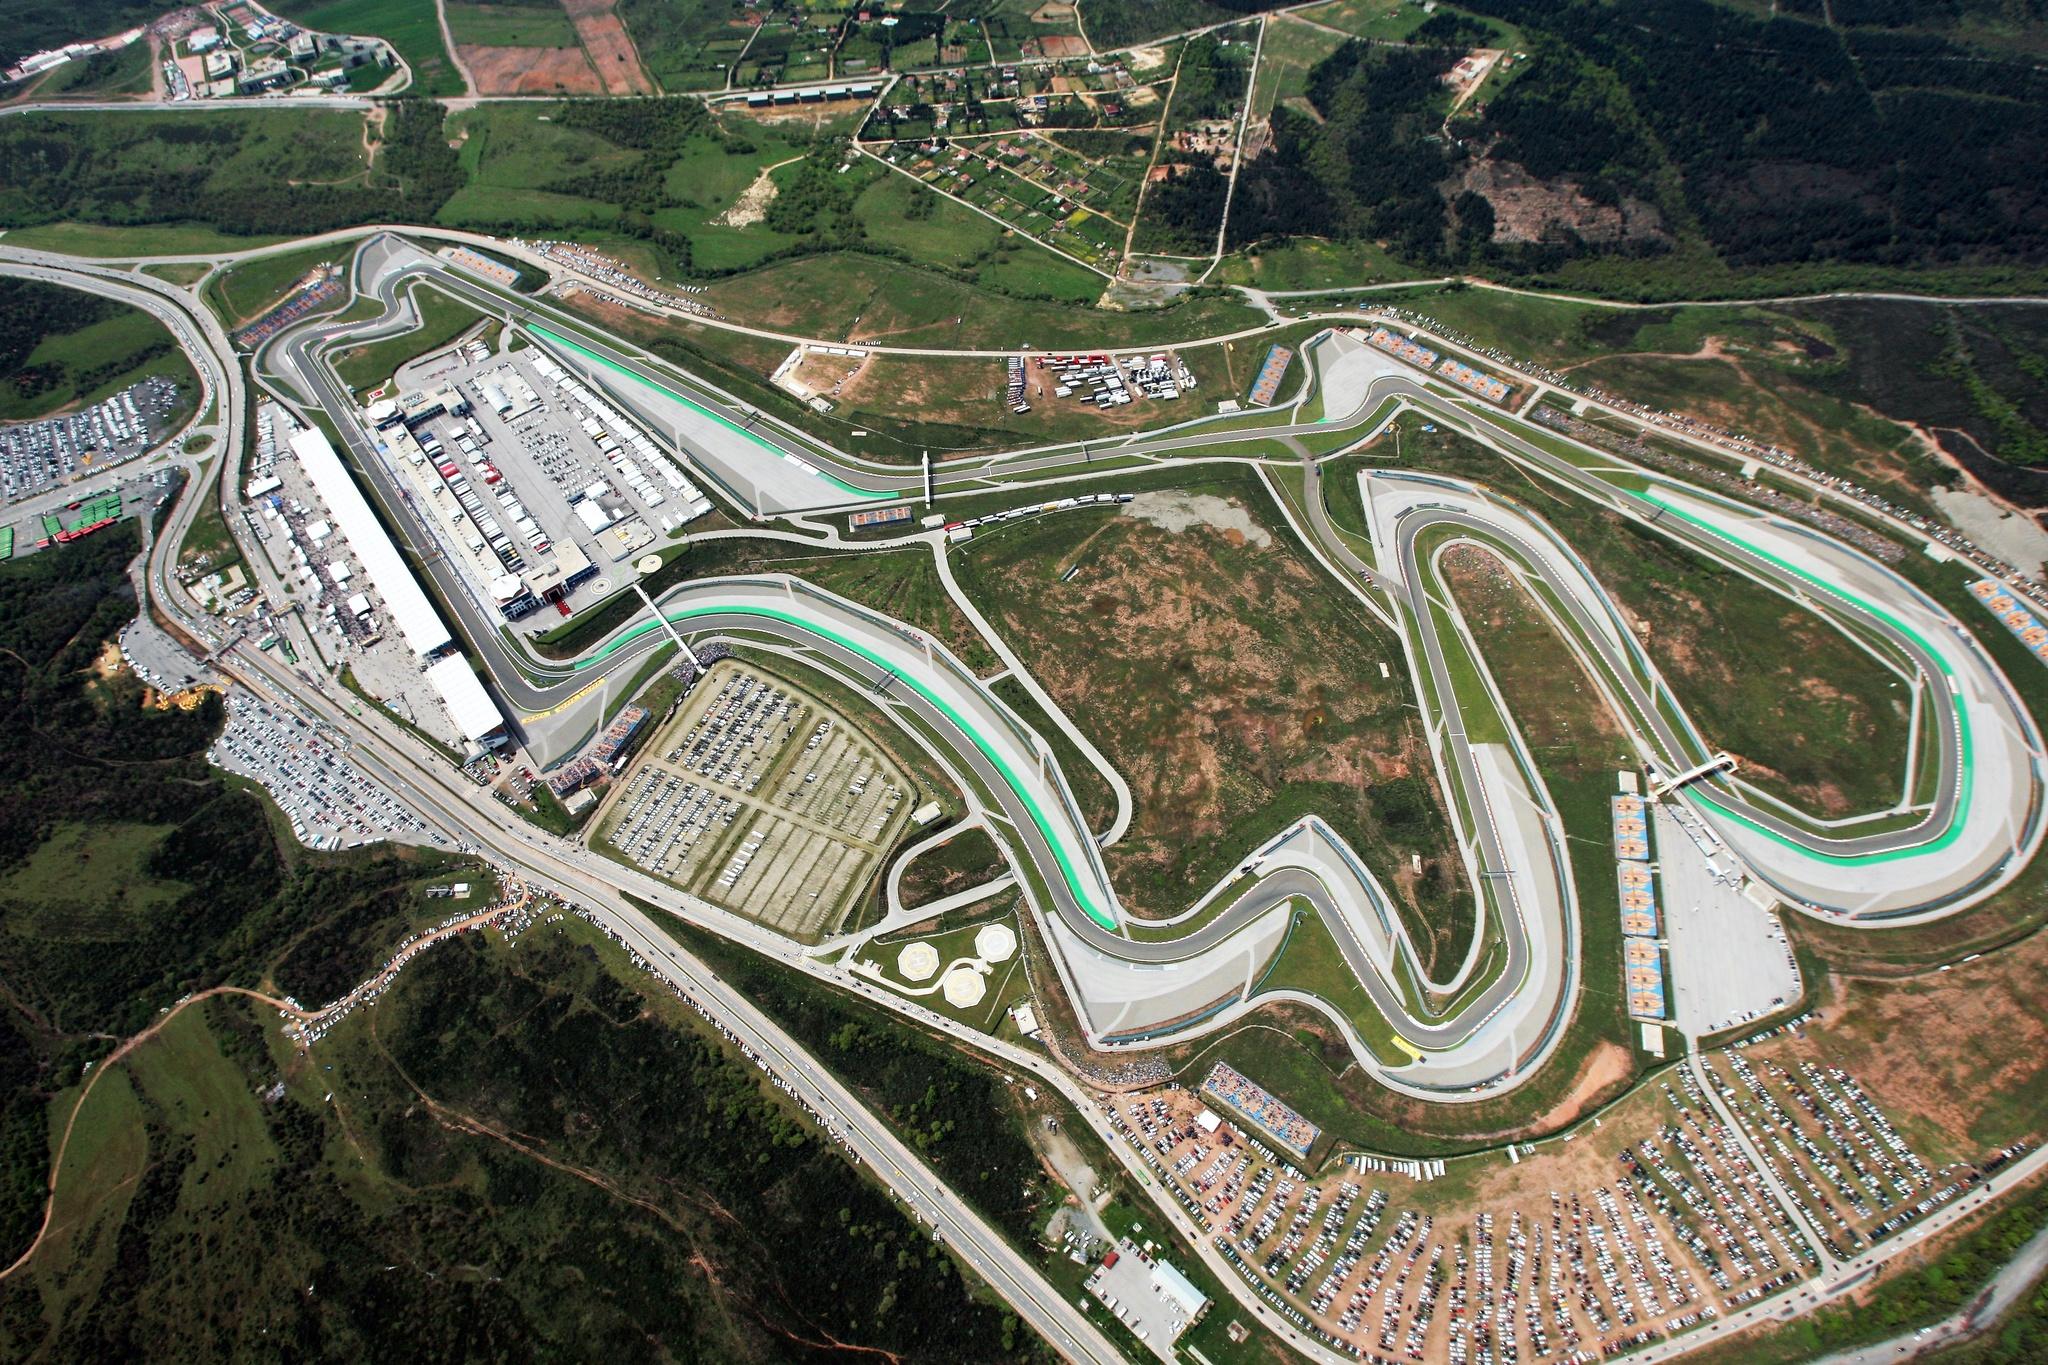 Horario y dónde ver en TV la carrera del Gran Premio de Turquía de fórmula 1